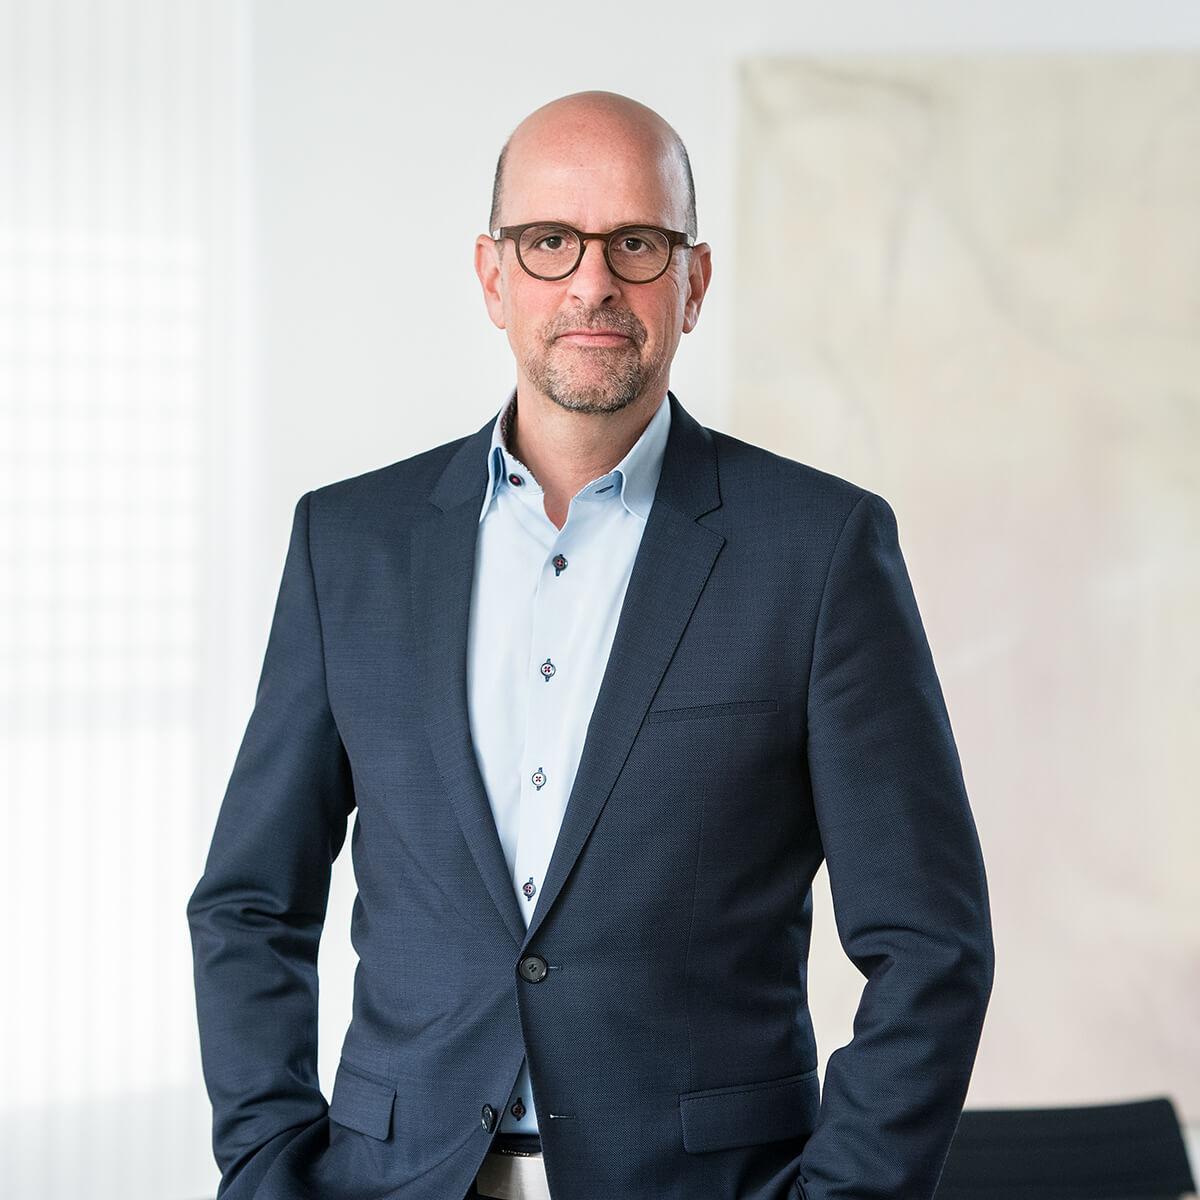 Bernhard Kugel